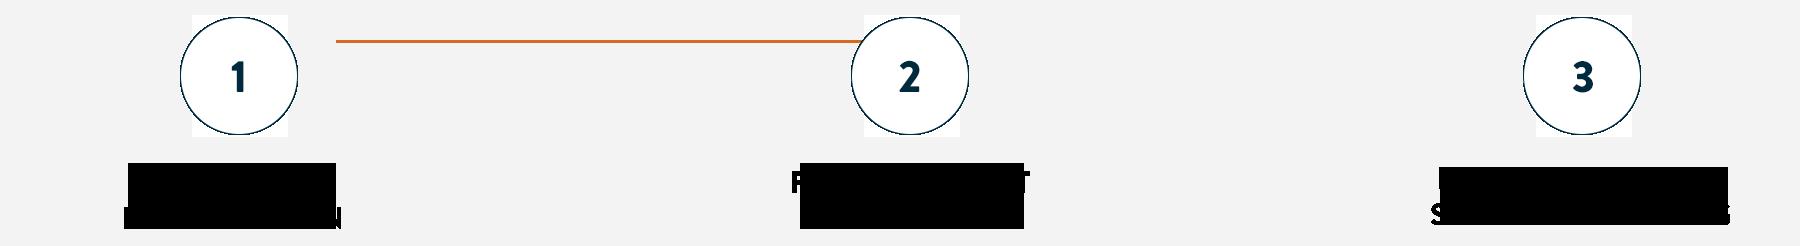 Grafik-til-fys2